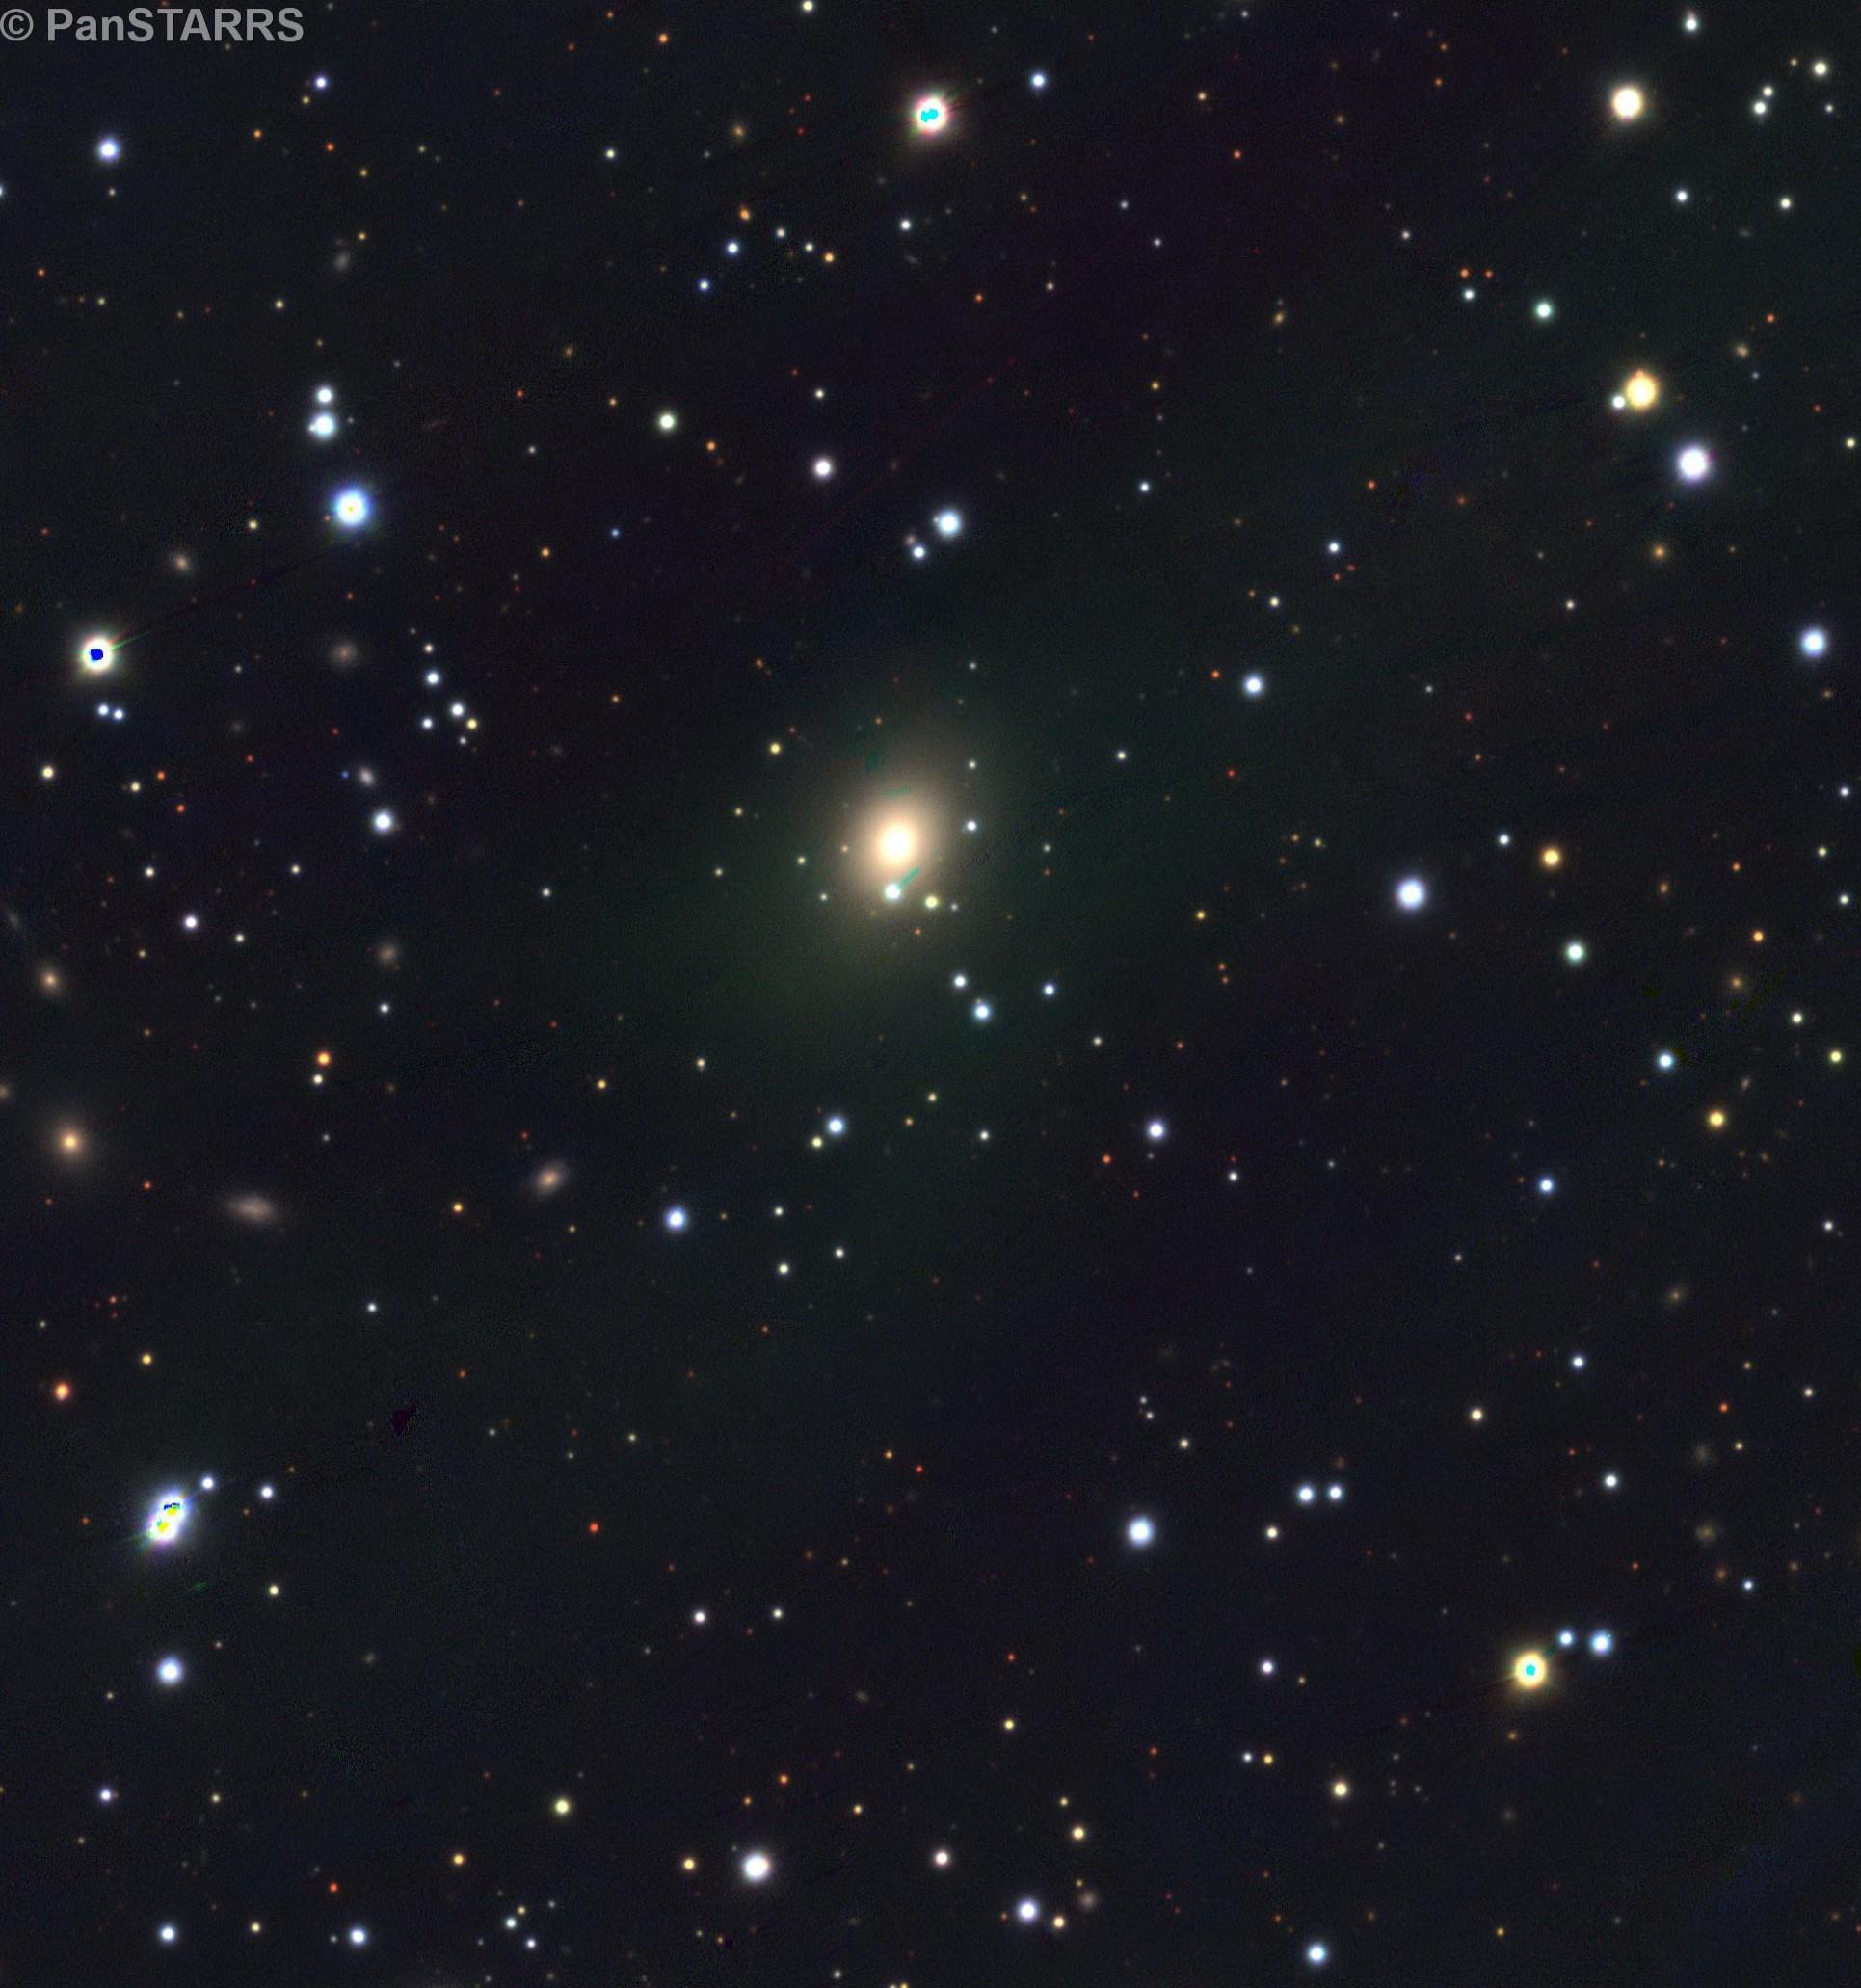 NGC 2888